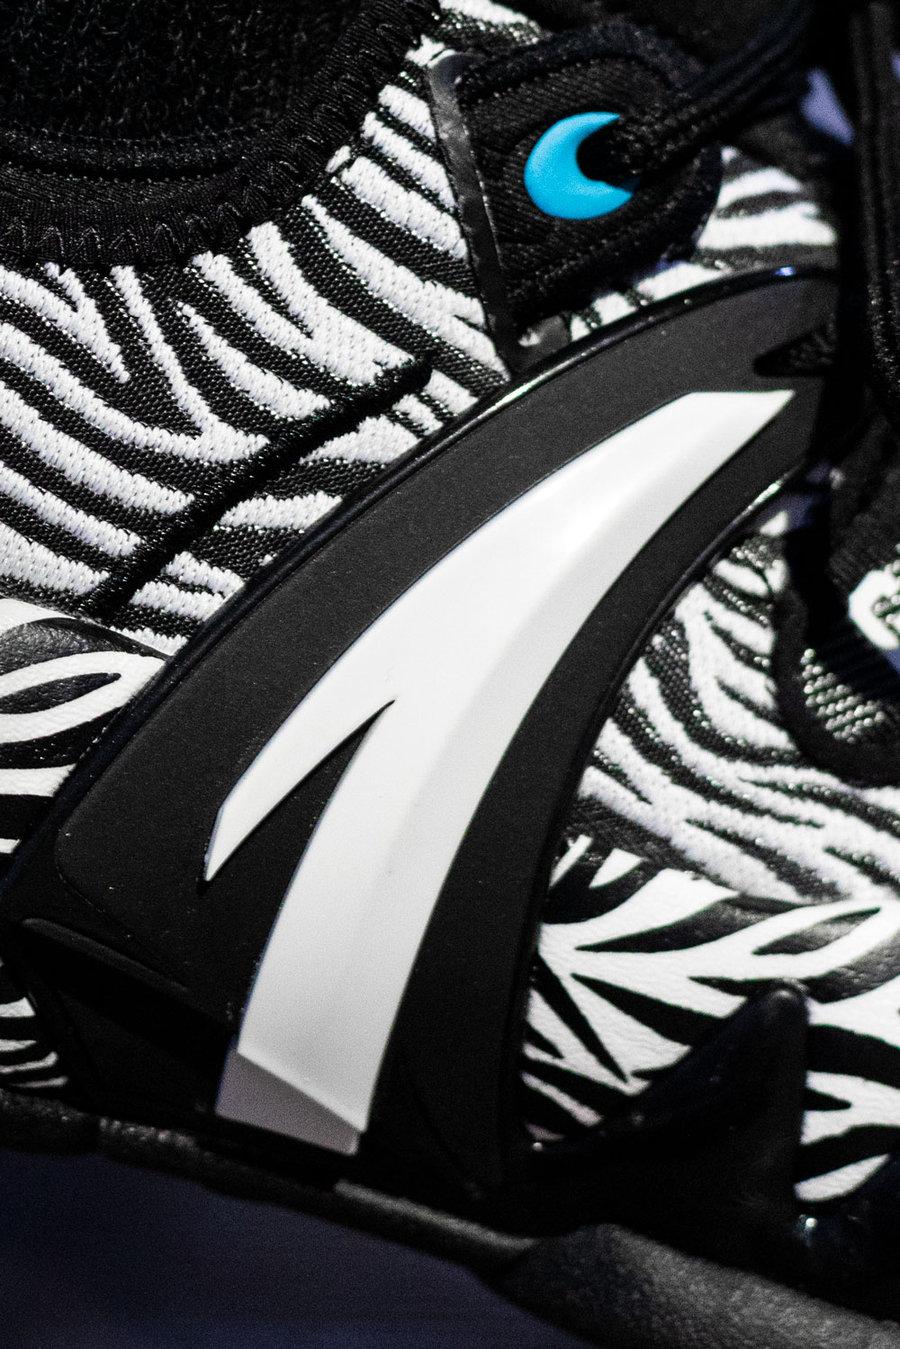 11111111111111,我是,年底,国产,球鞋,又,放  年底国产球鞋又放大招!这双 ¥699 的签名鞋,小编安利晚了!